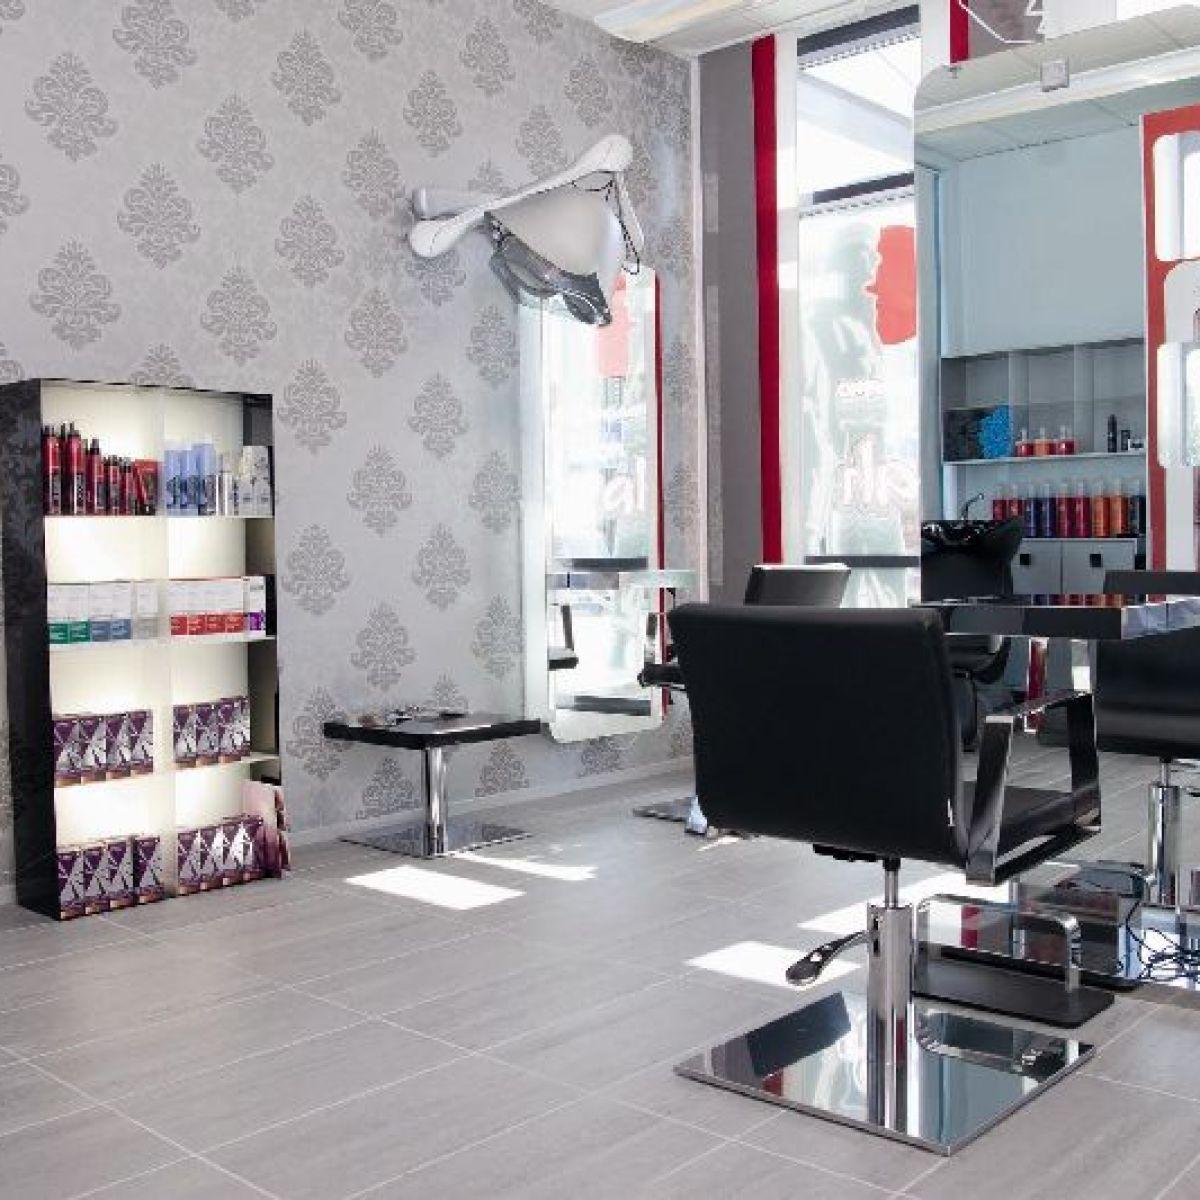 Nelson mobilier fabricante mobiliaro para peluquieras for Peluqueria y salon de belleza